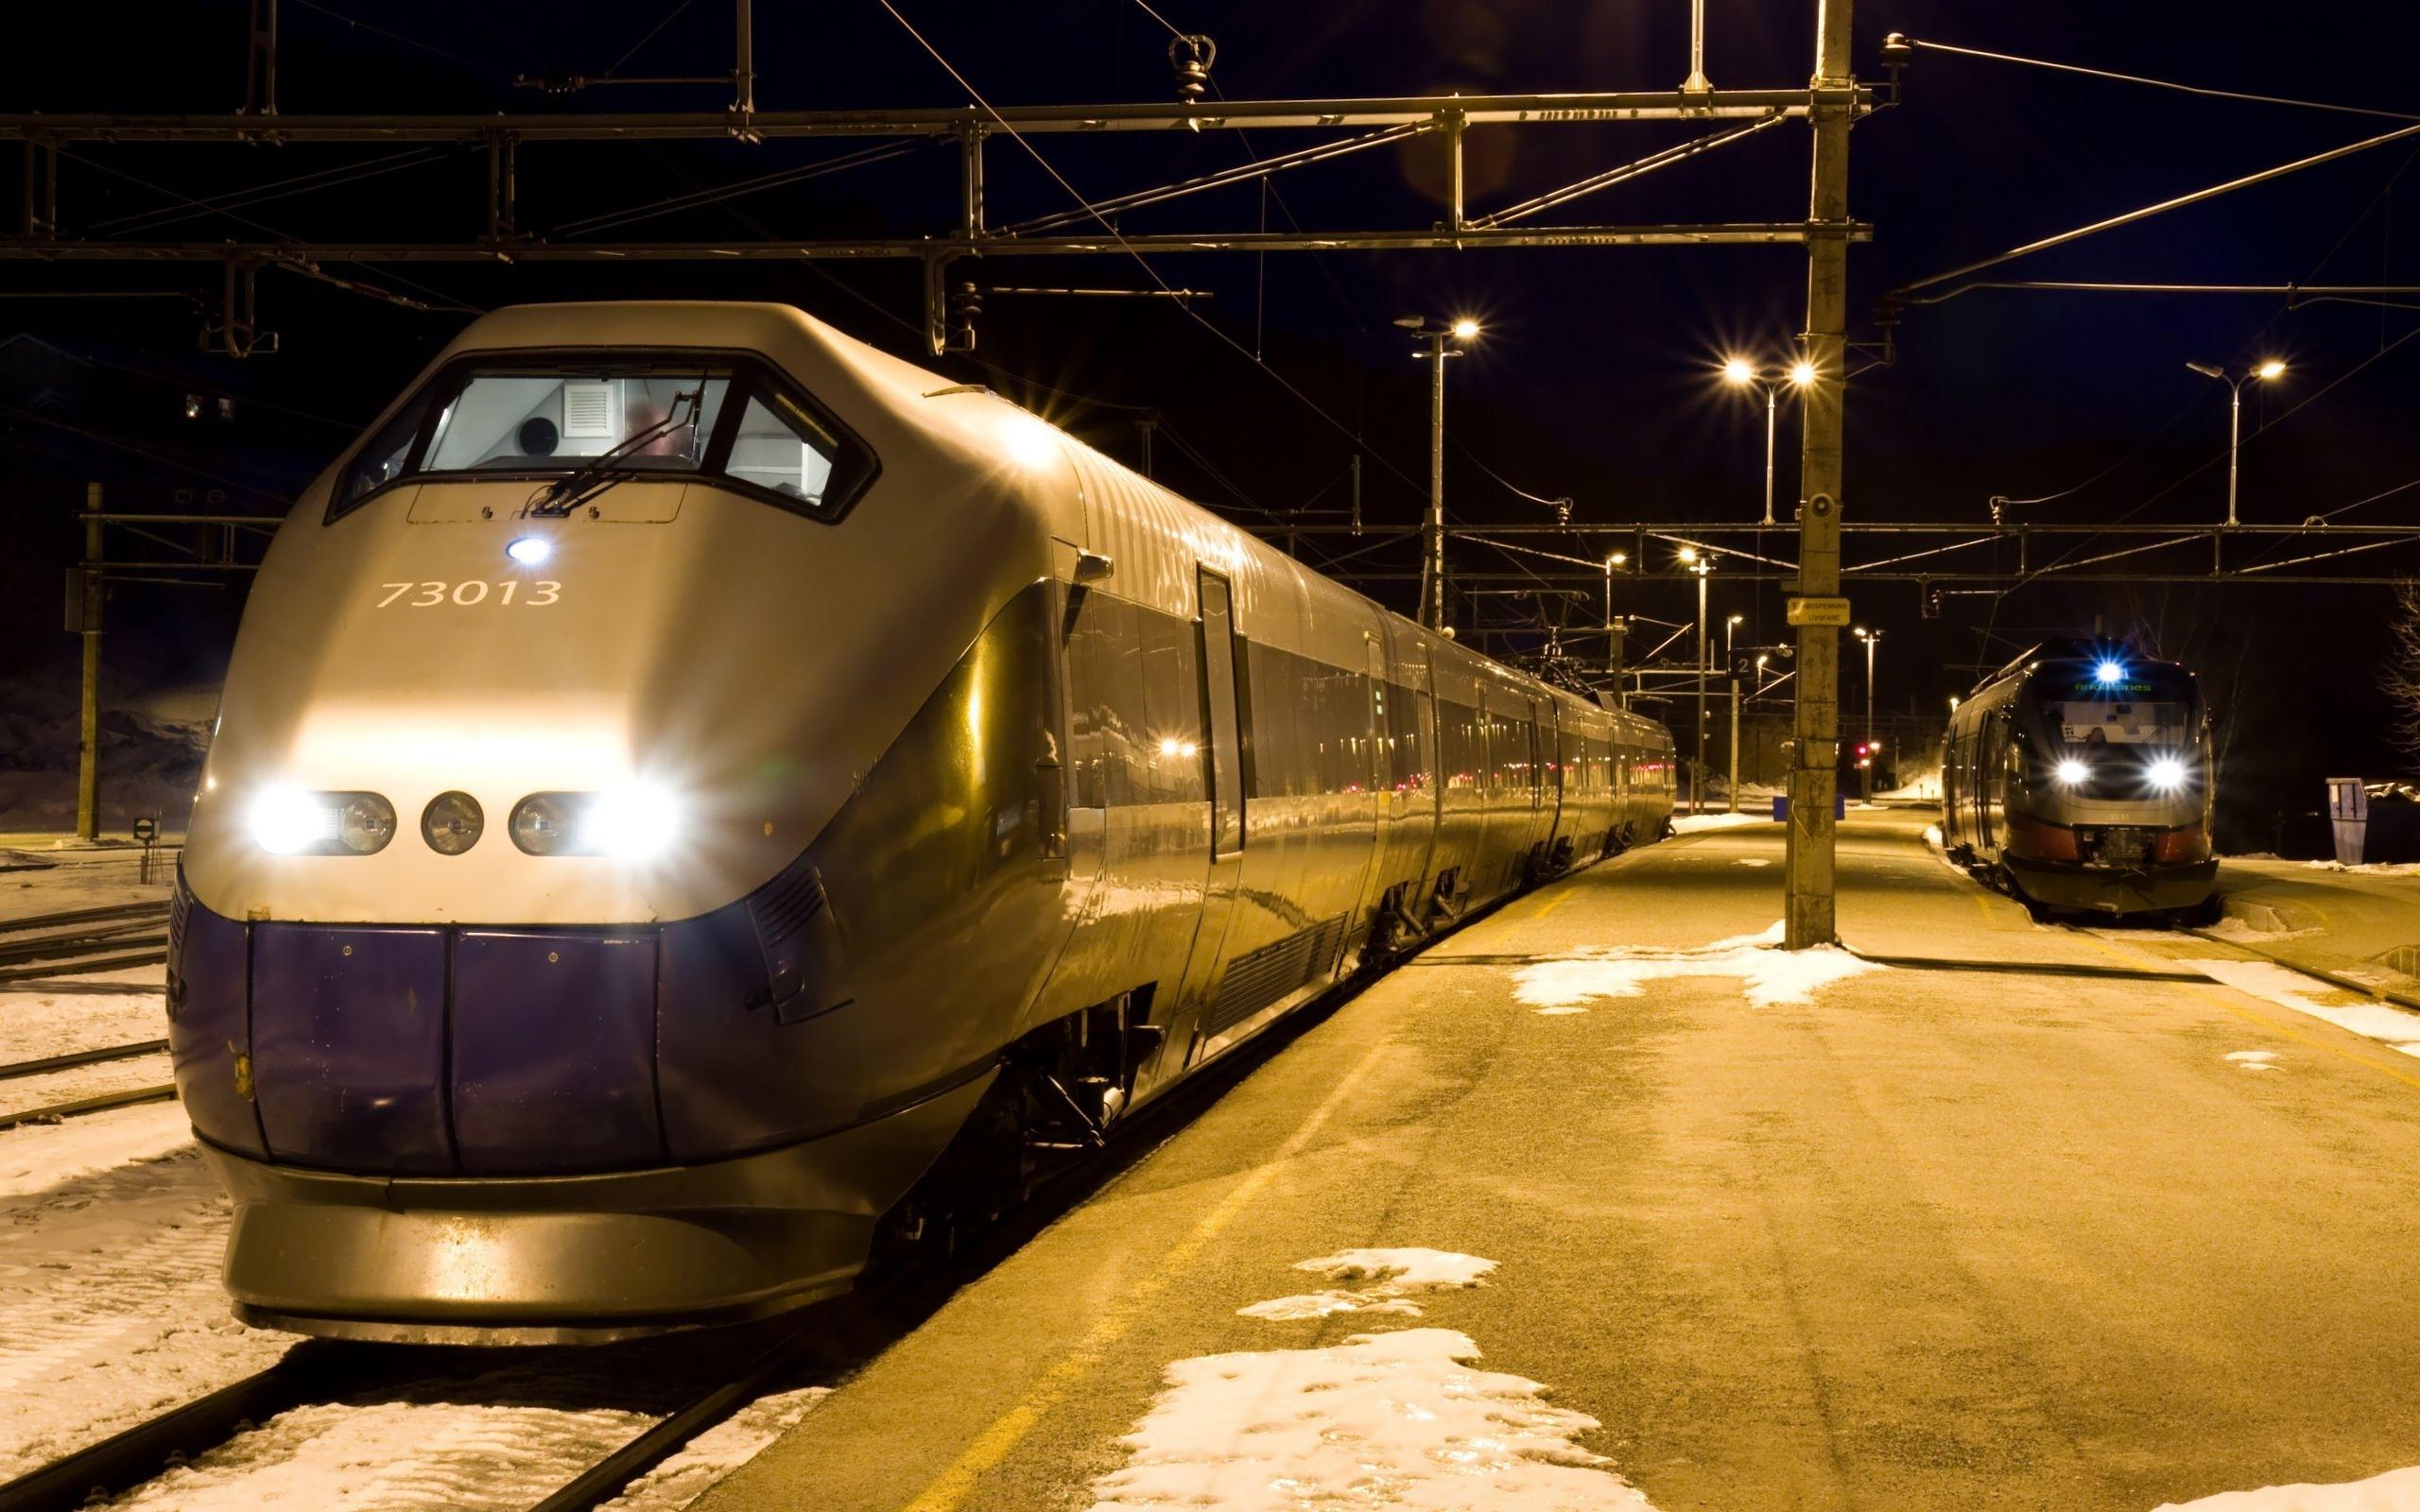 25954壁紙のダウンロード輸送, 列車-スクリーンセーバーと写真を無料で